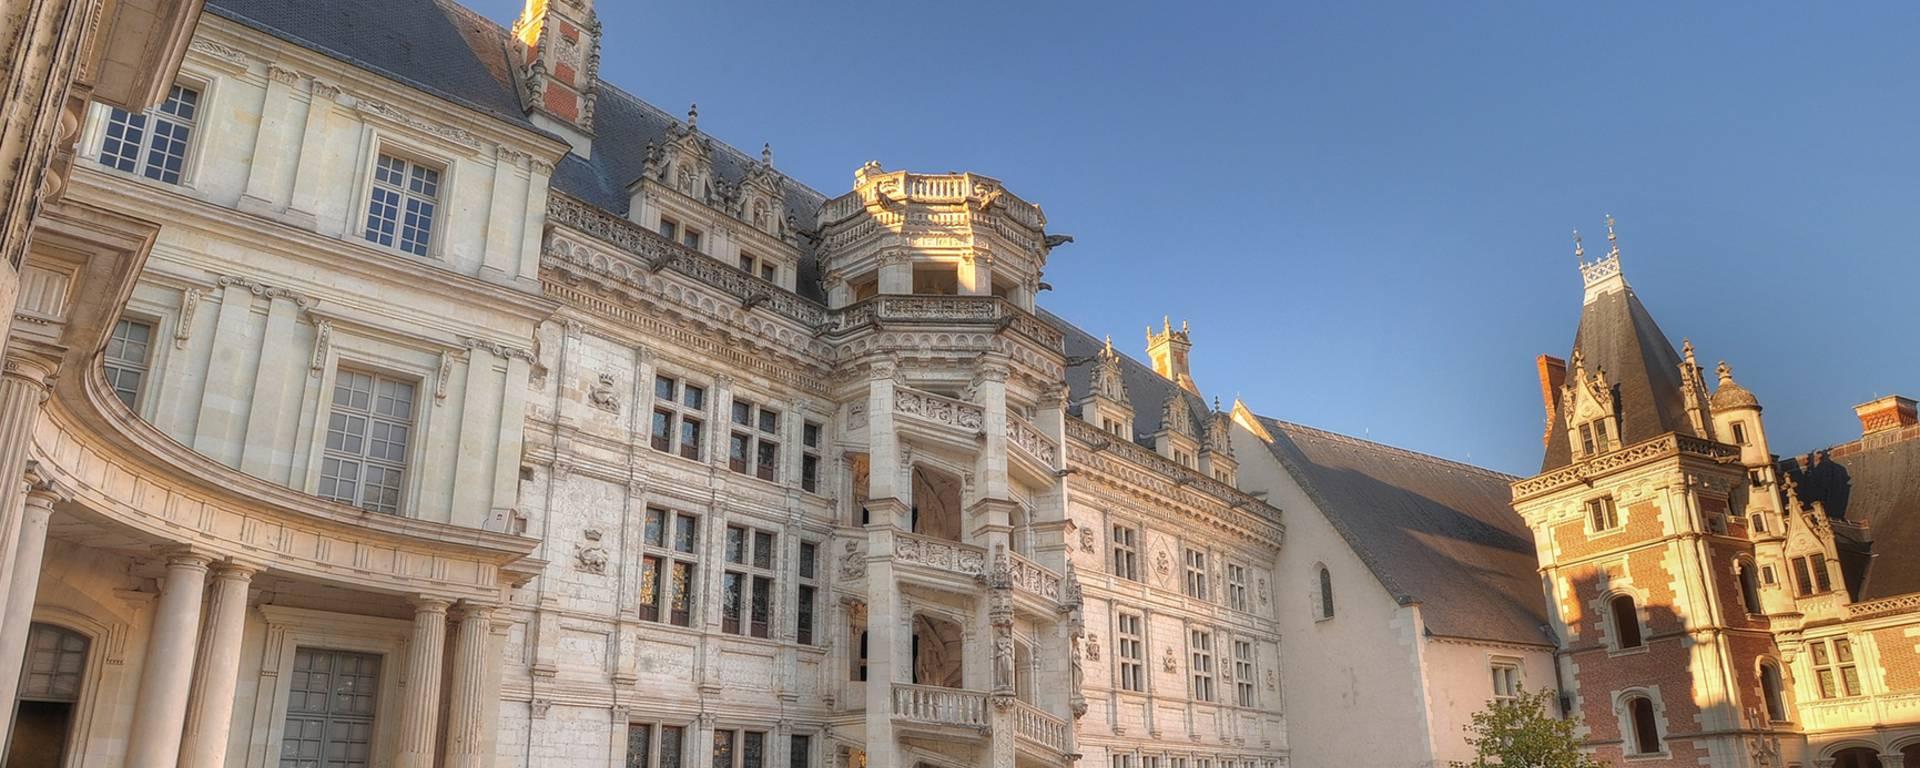 L'escalier François Ier du château de Blois. © Leonard de Serres